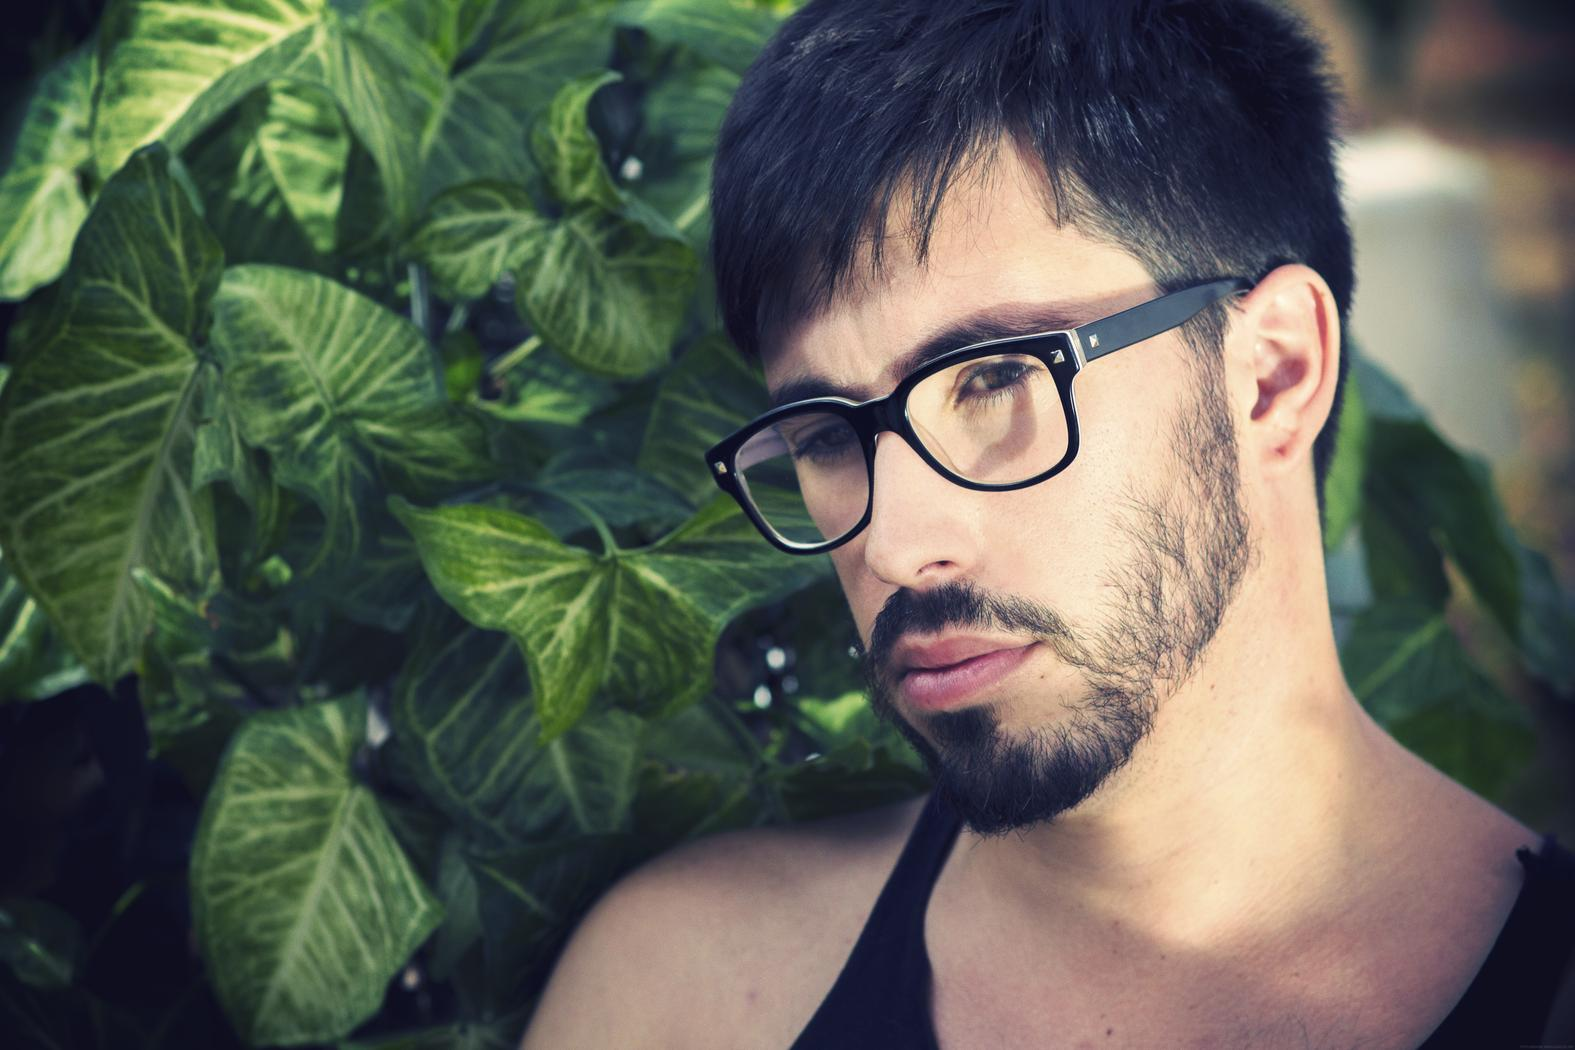 Ricardo Floxo